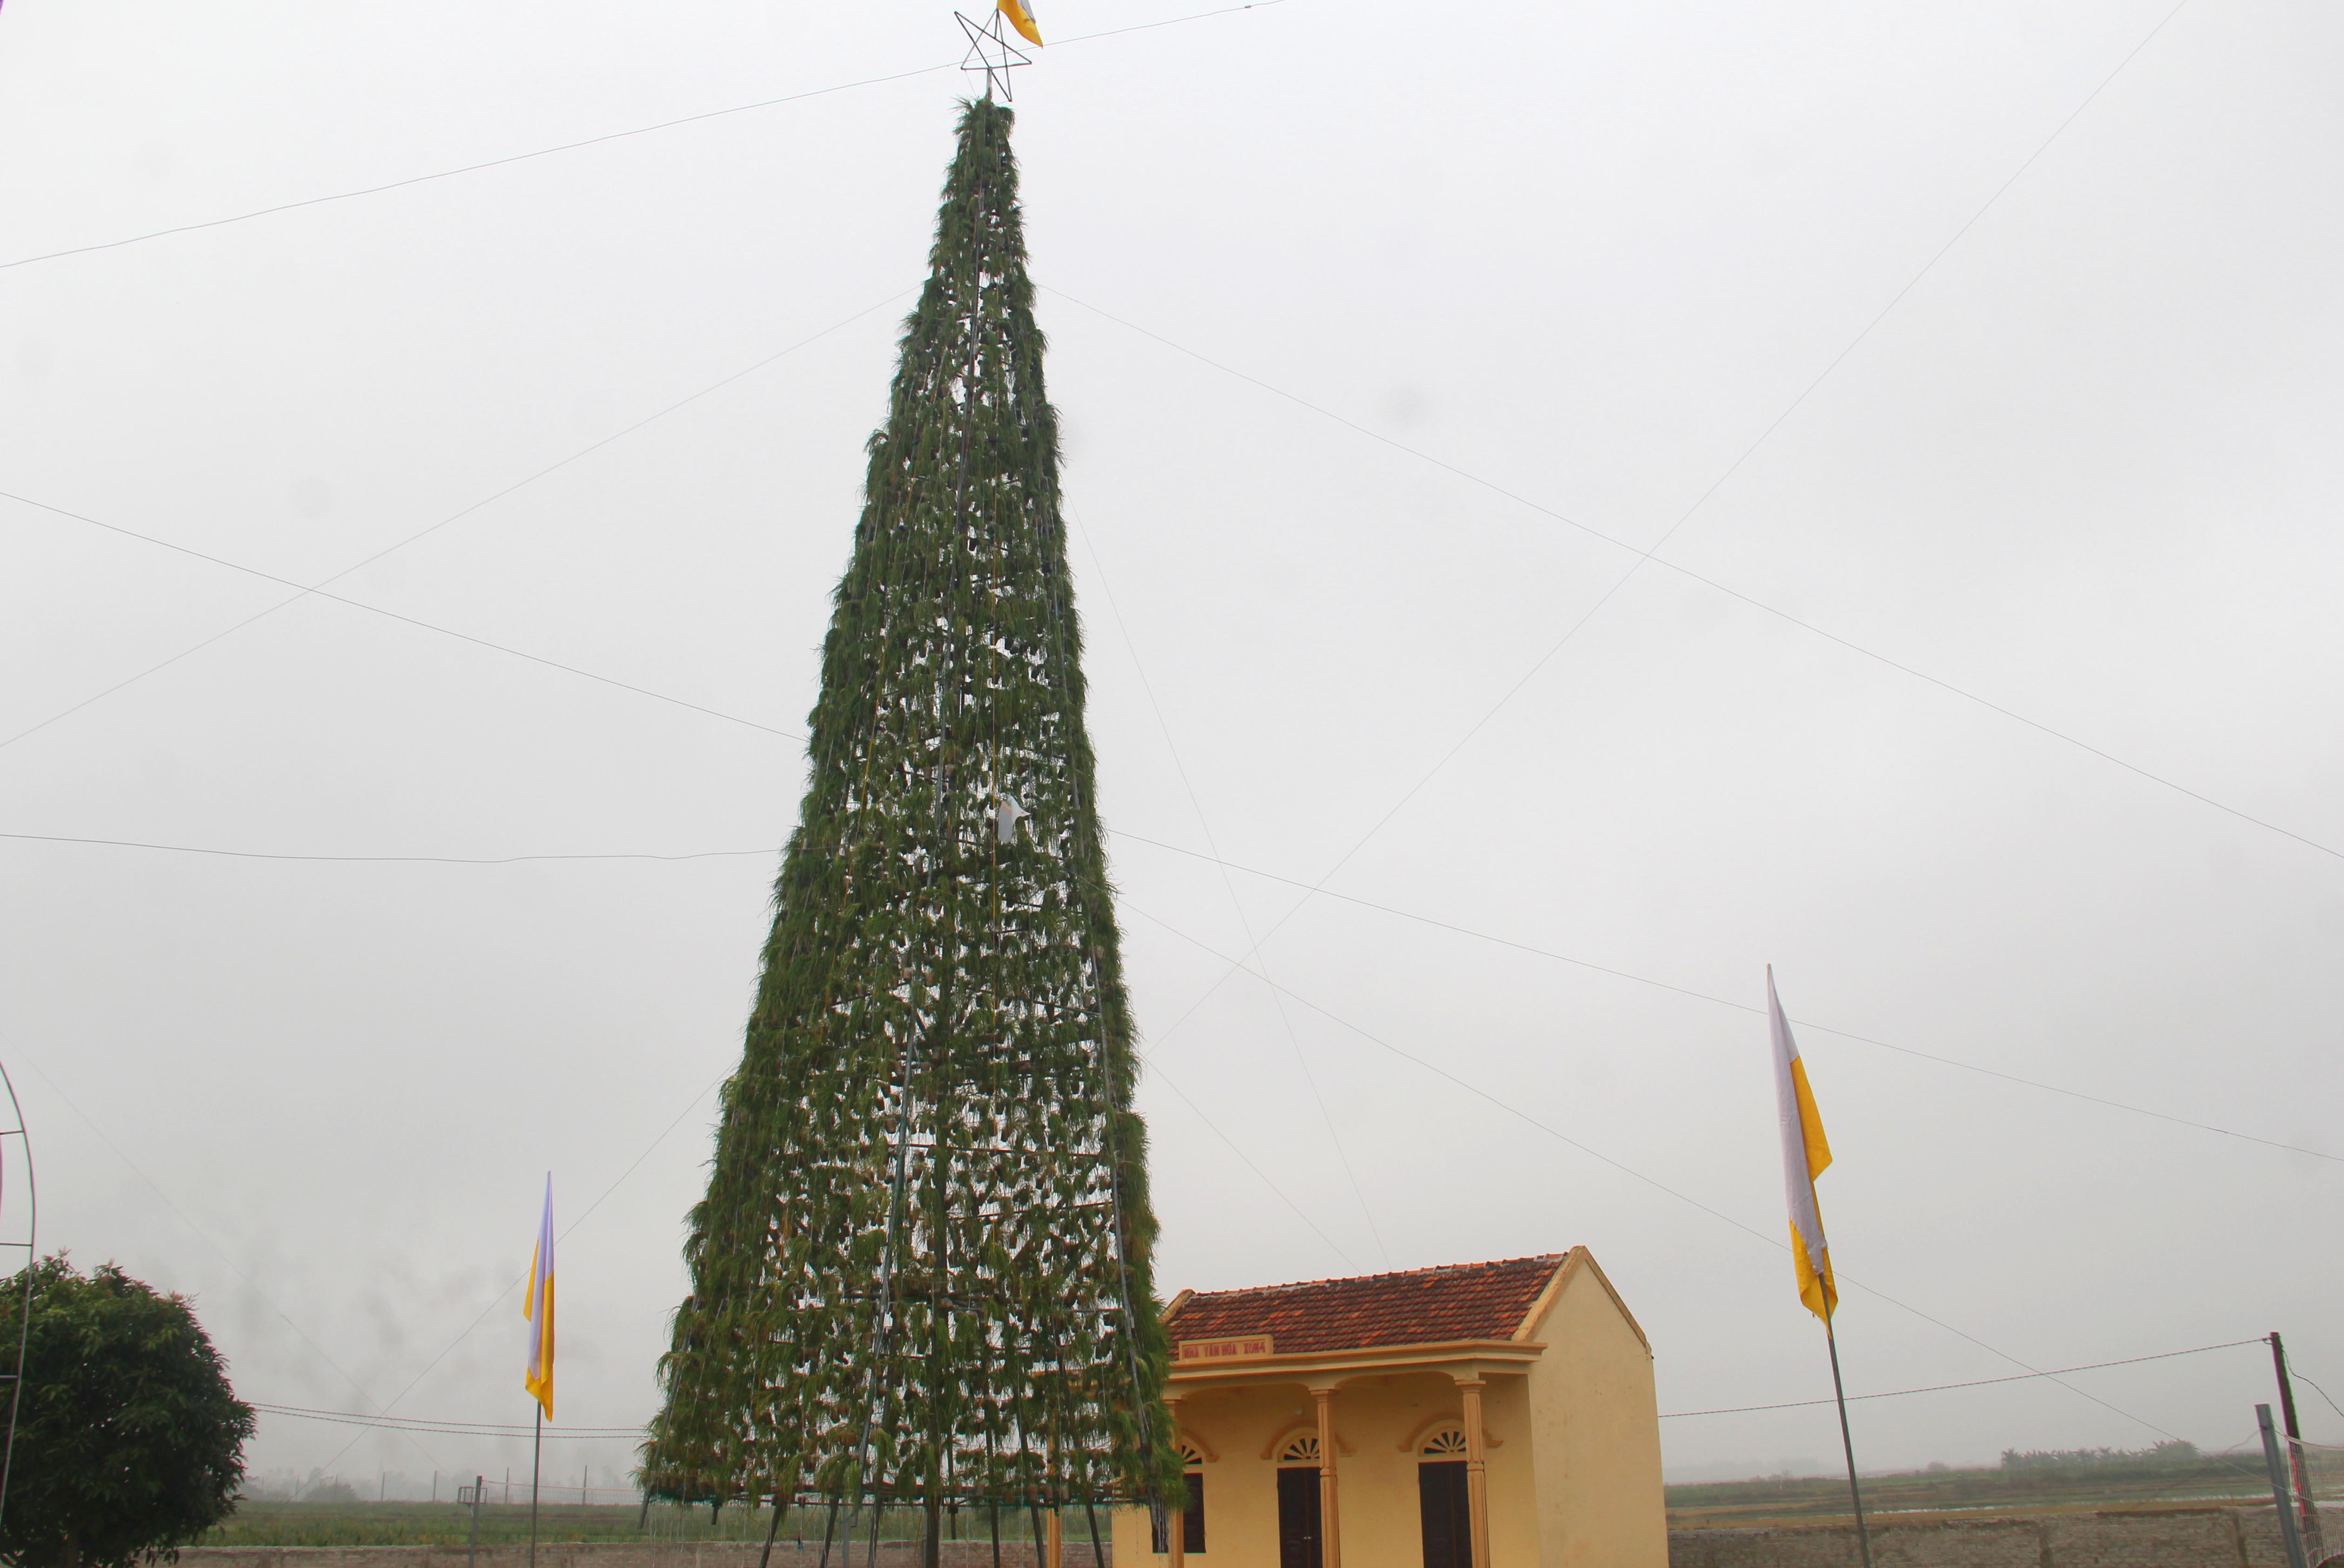 Cây thông cao 20m được kết từ hàng vạn cây hành tăm đón Giáng sinh độc nhất xứ Nghệ - Ảnh 1